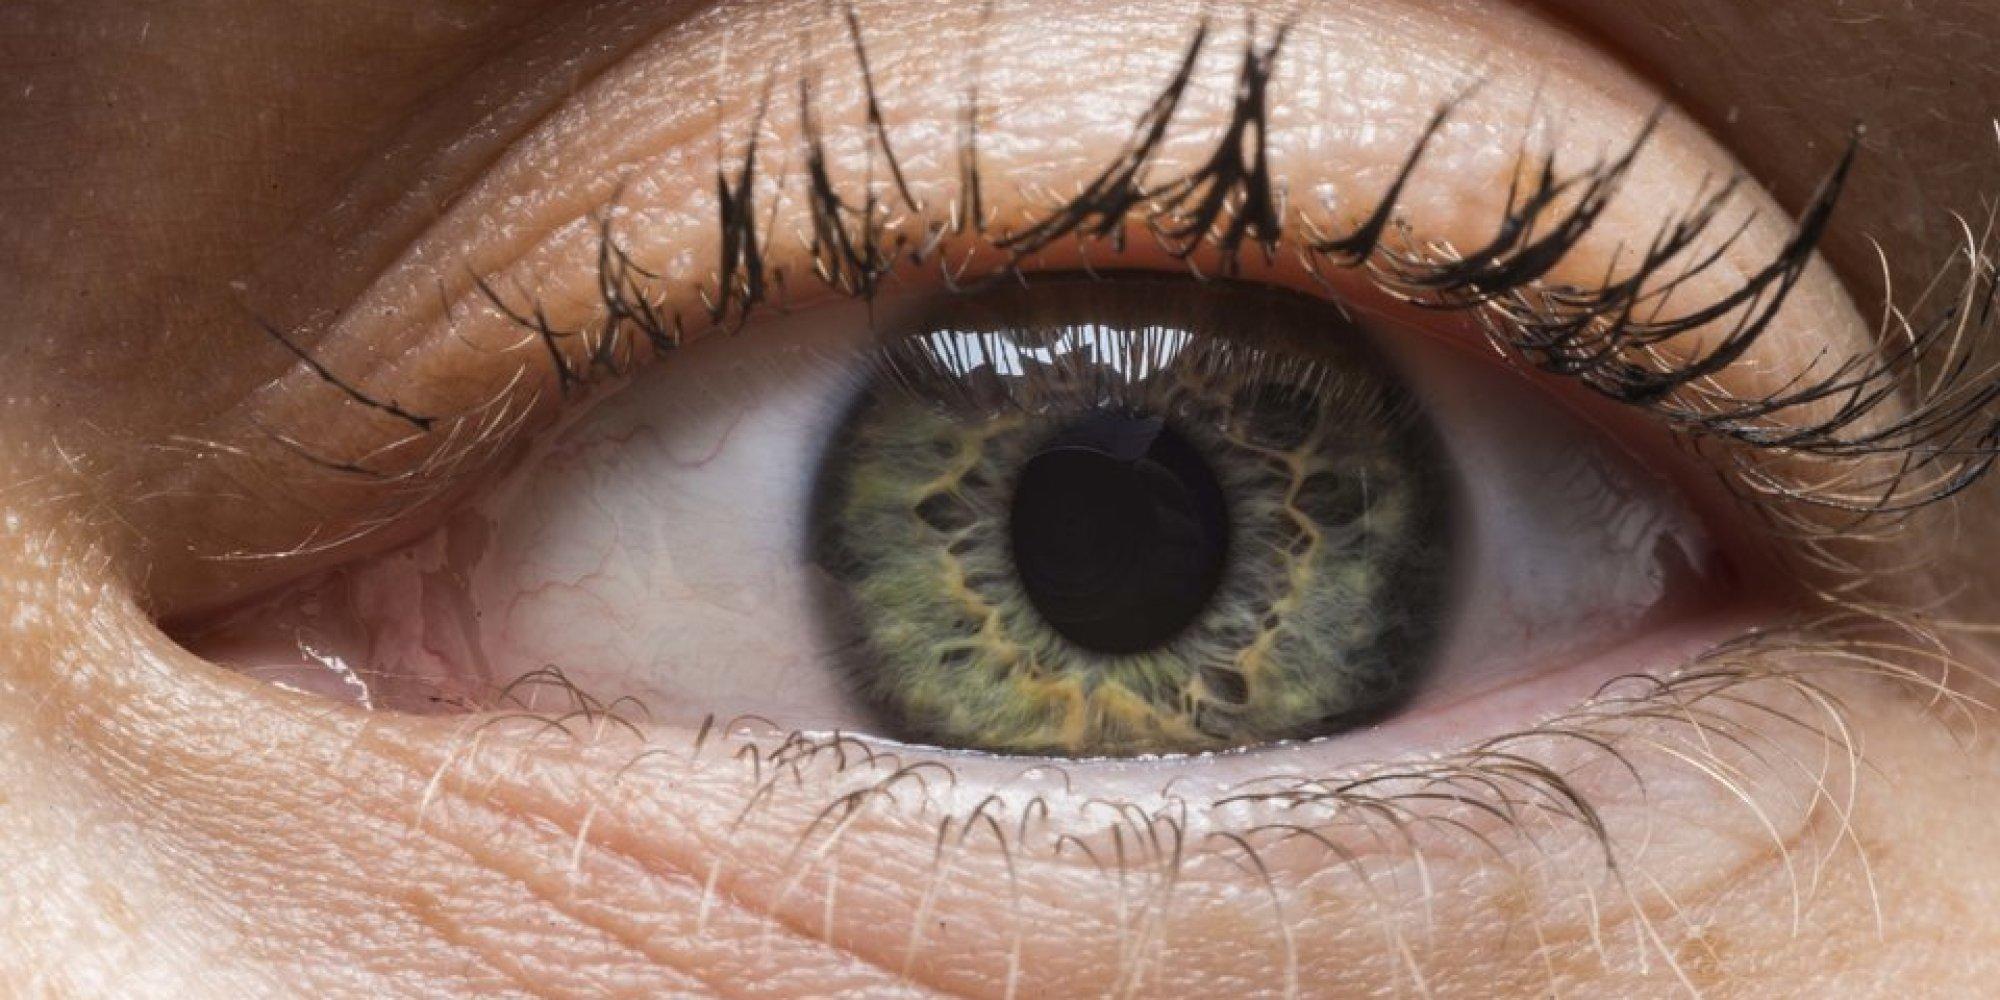 Der Kreis des Auges schauten ins Gesicht